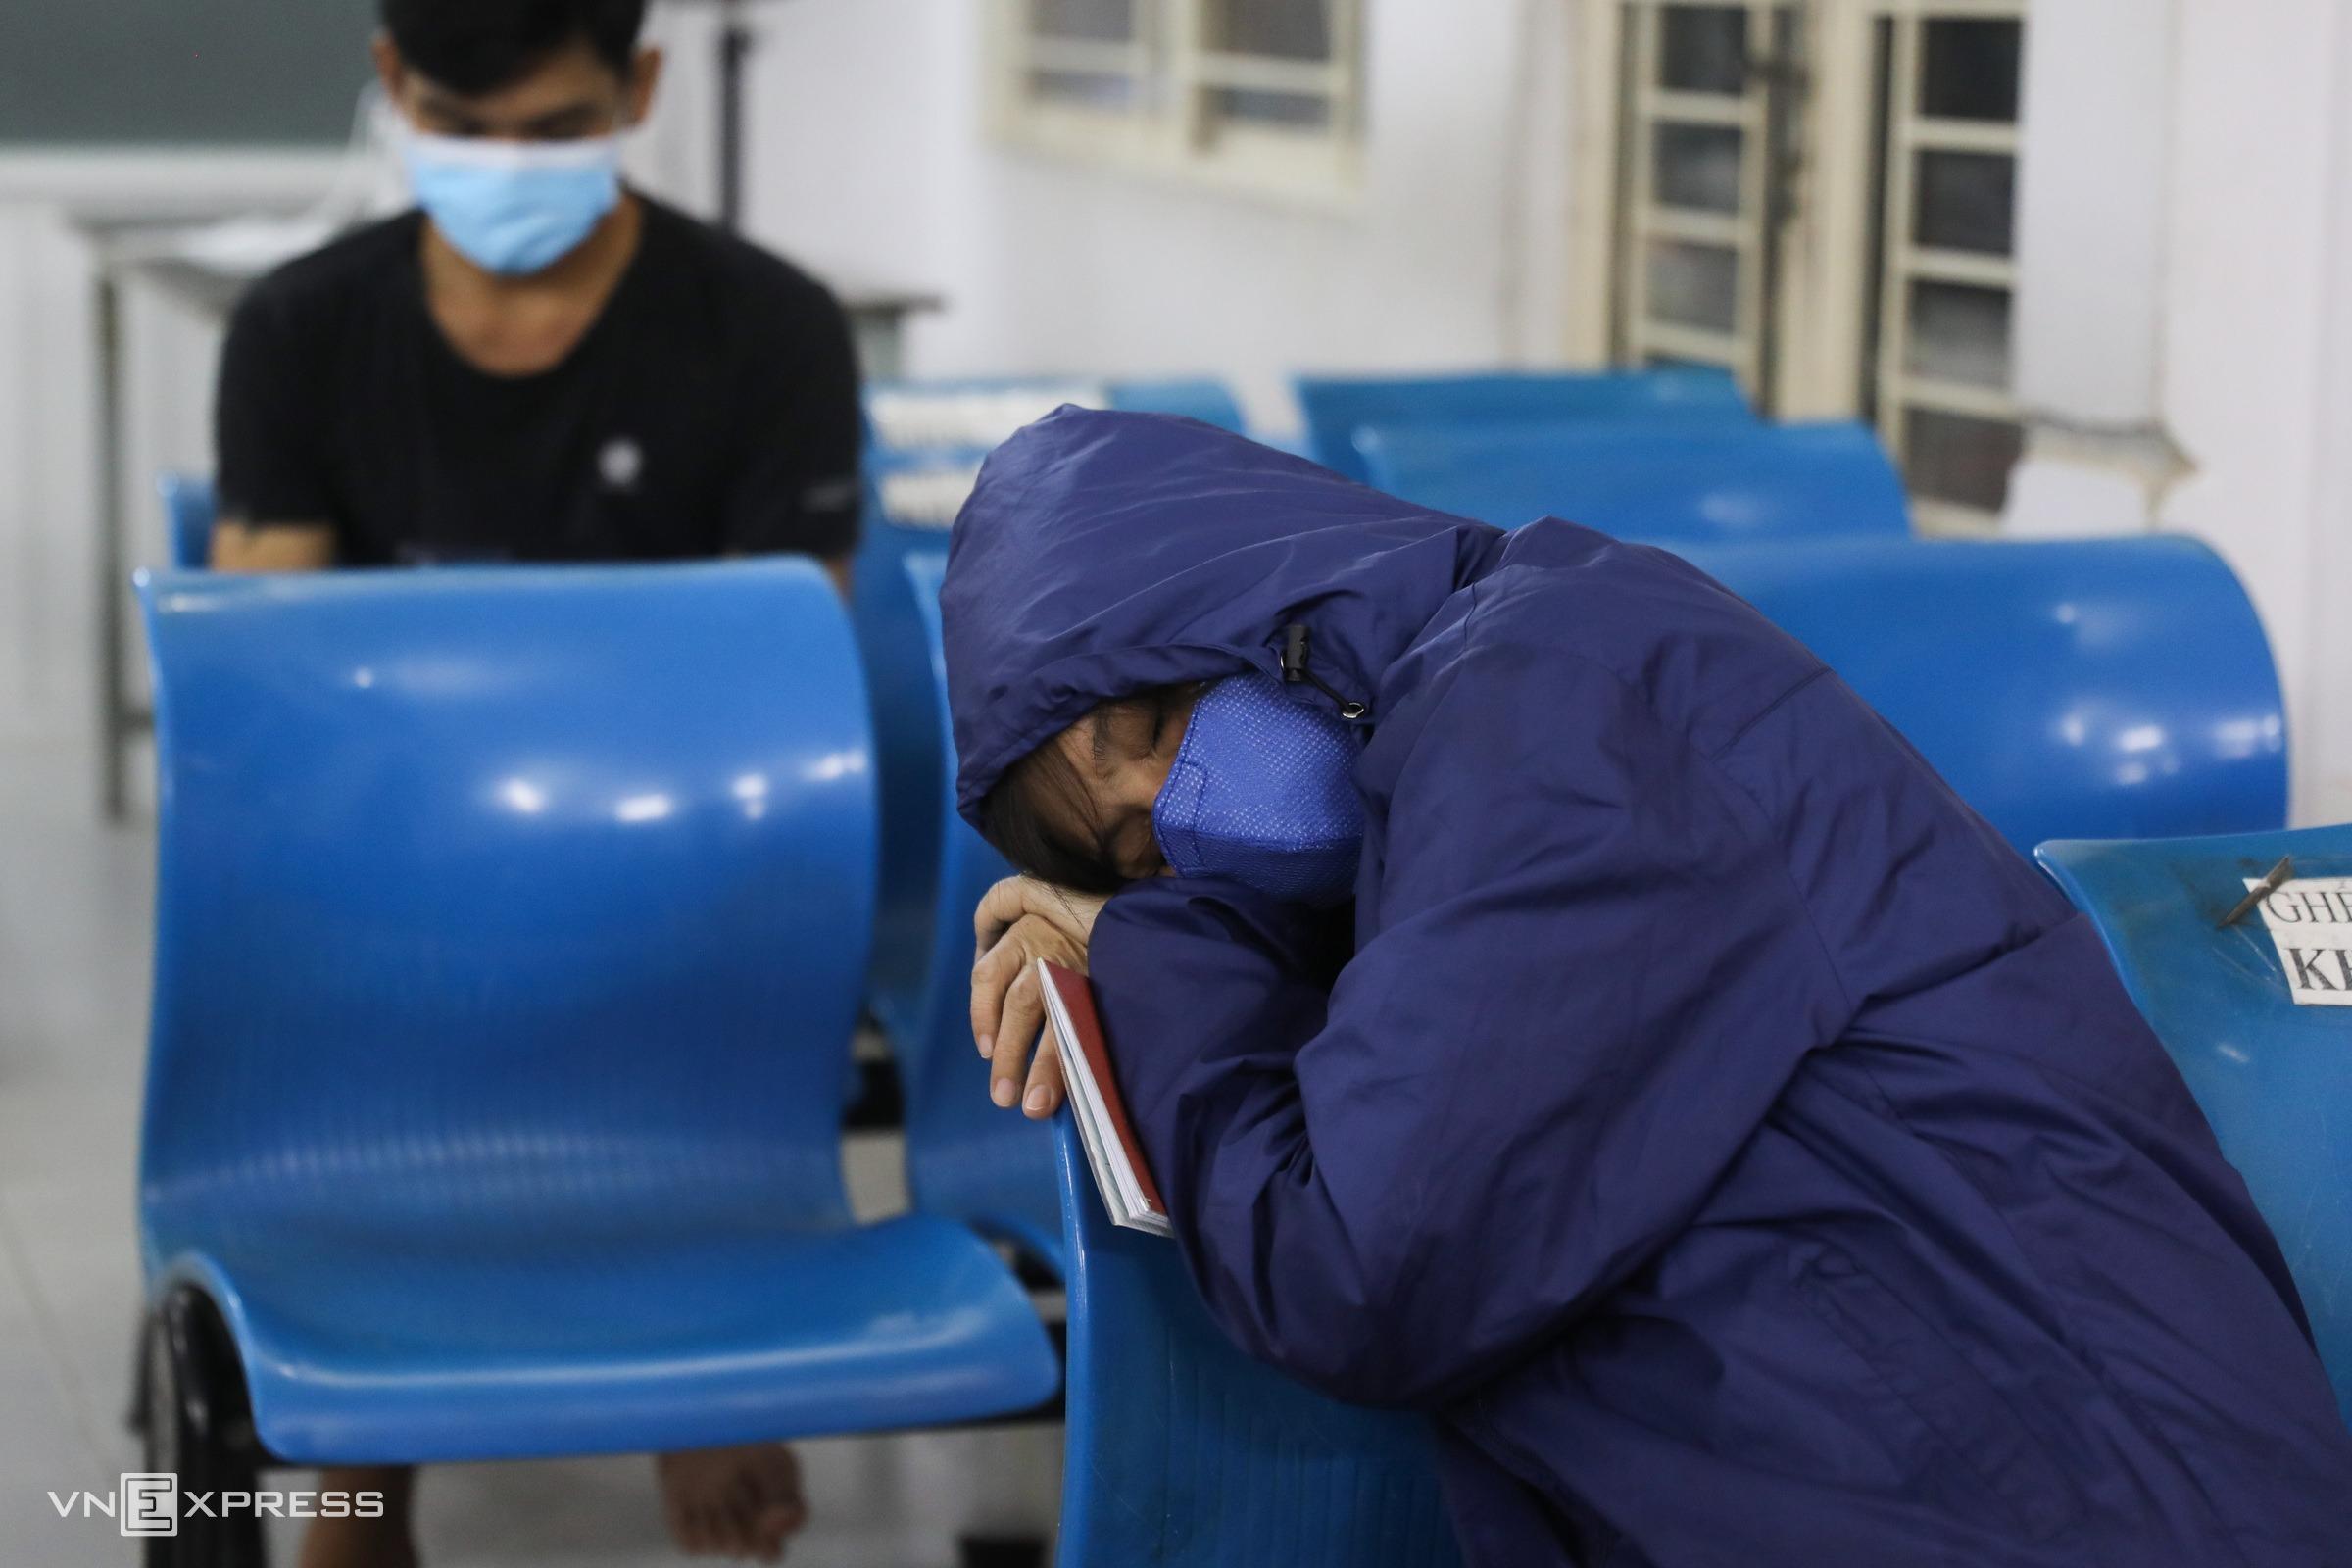 Lúc 23h, ngày 13/3, một phụ nữ mệt mỏi, ngủ thiếp trên ghế chờ đến lượt làm thẻ căn cước công dân ở Tp Thủ Đức, TP HCM. Ảnh: Quỳnh Trần